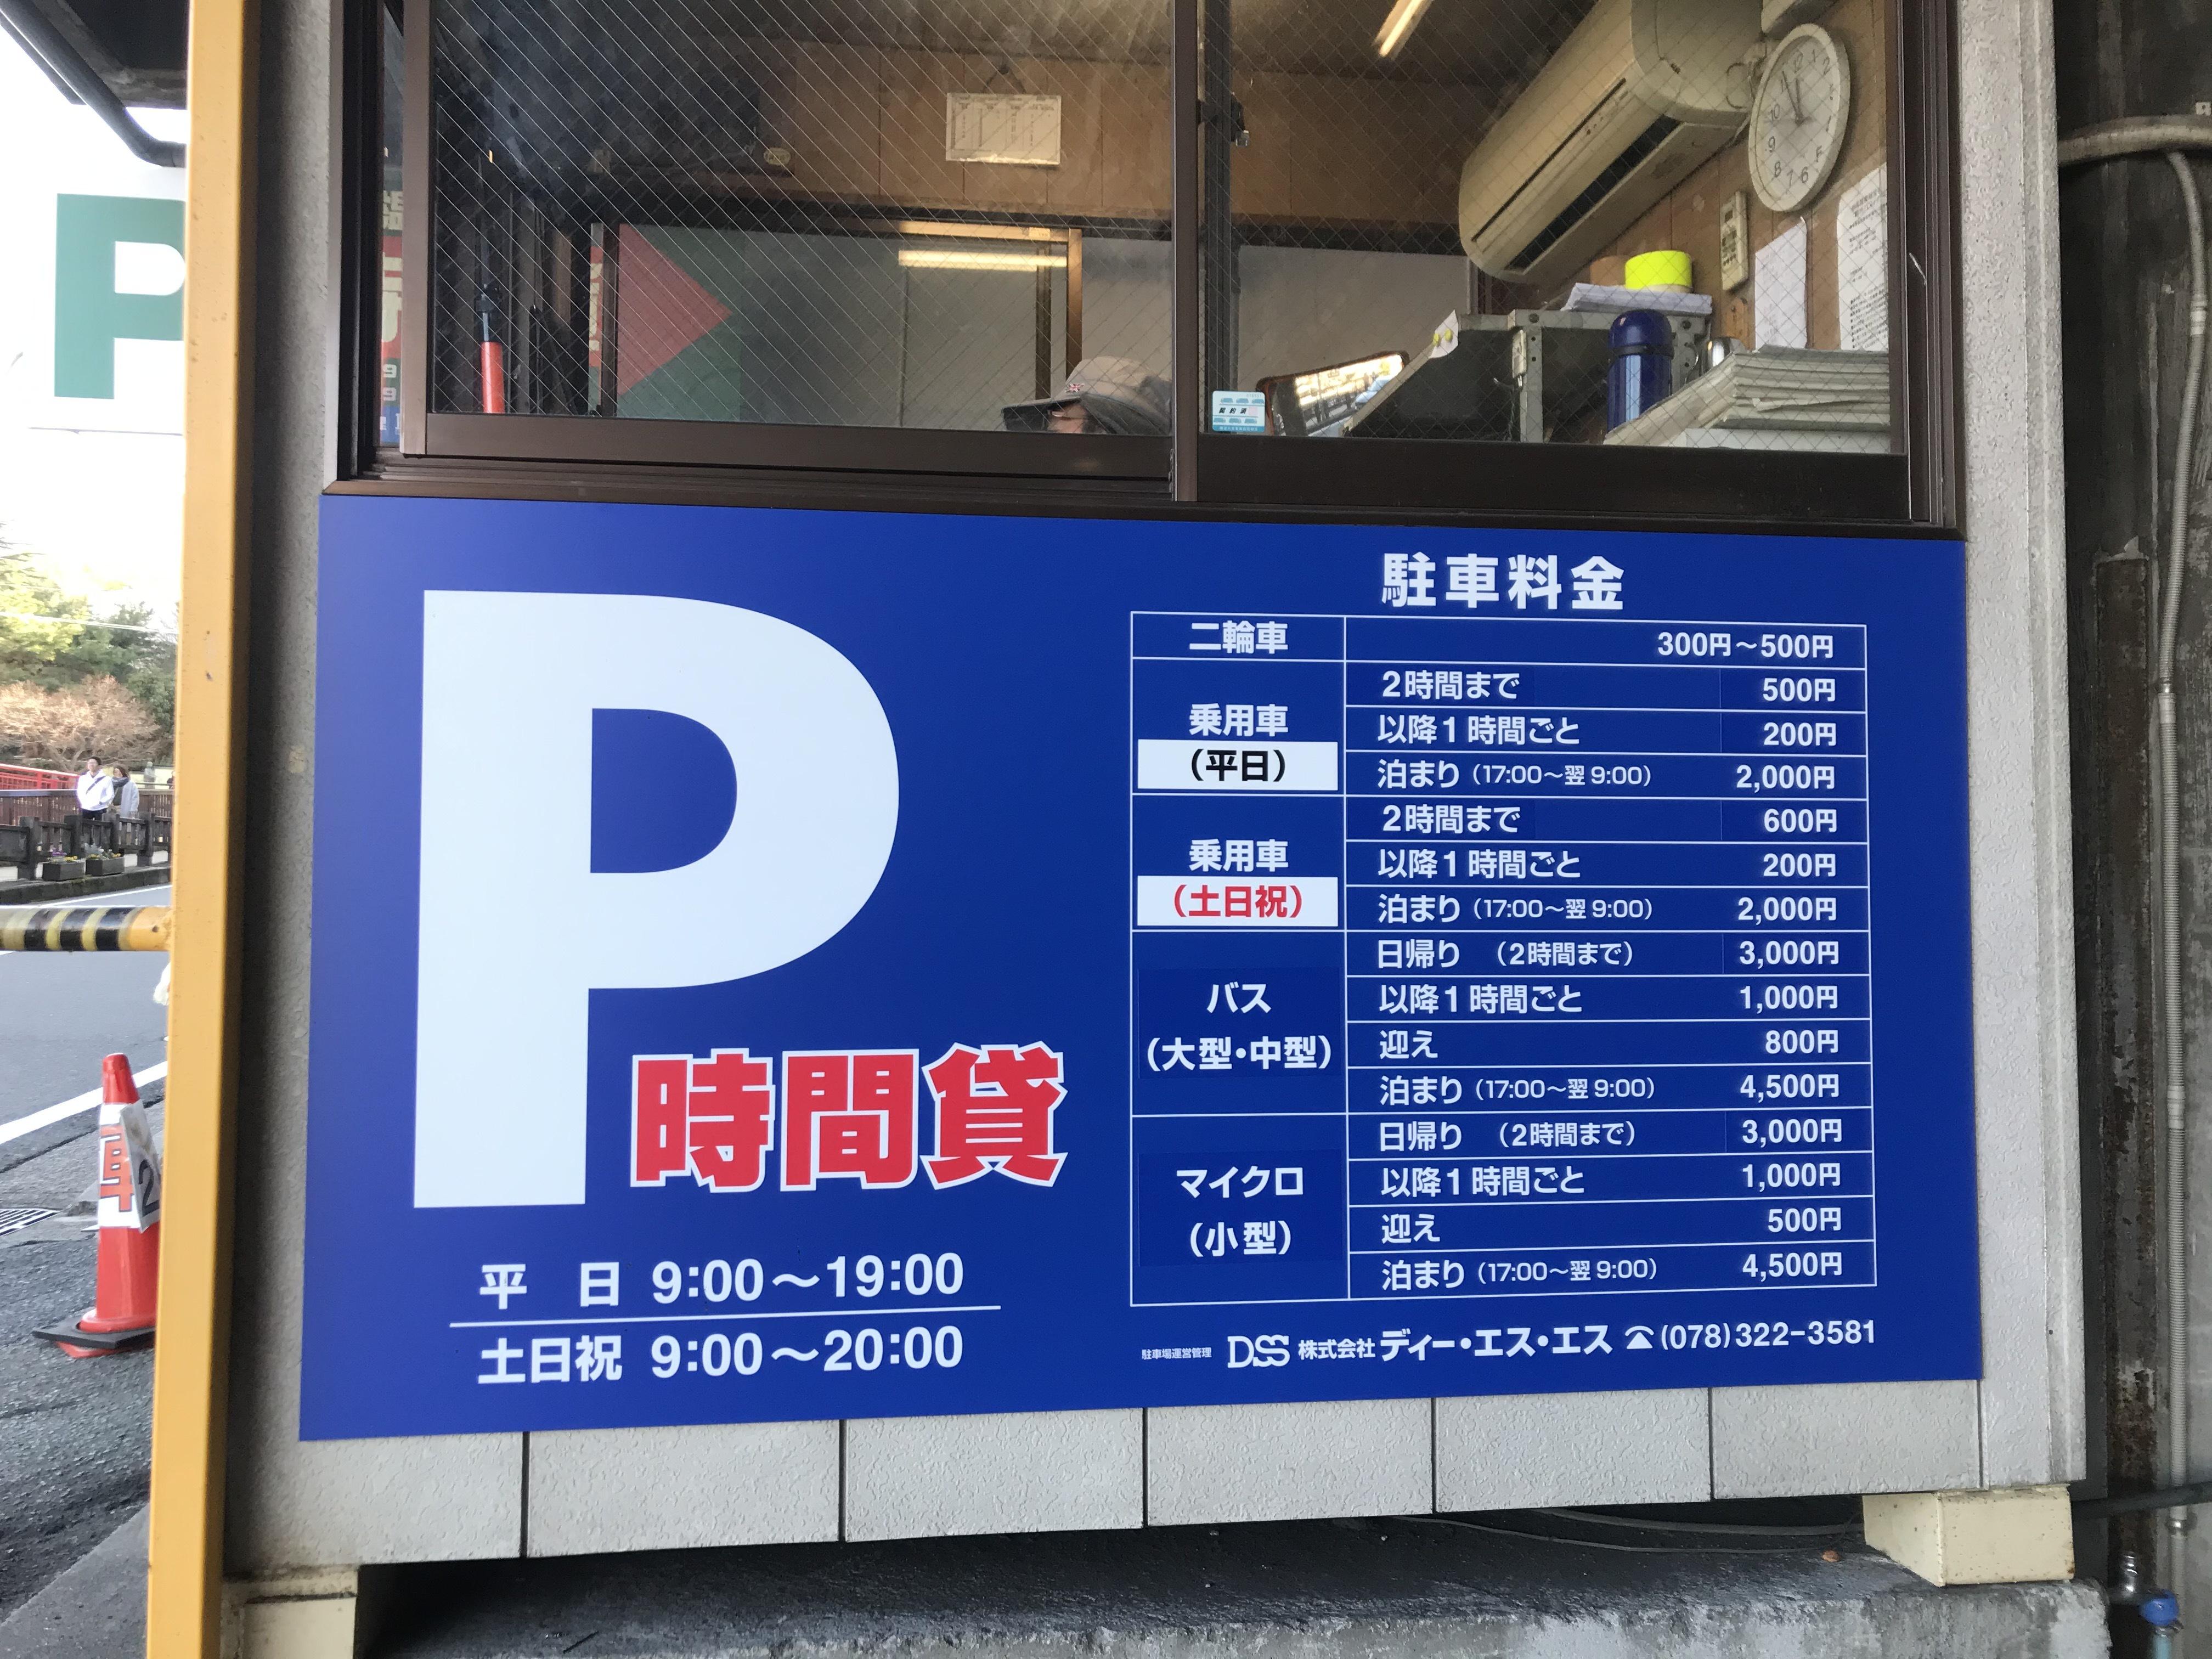 harleydavidson-motorcycle-touring-blog-arima-onsen-hotsprings-arimaonsen-parking-2.jpg